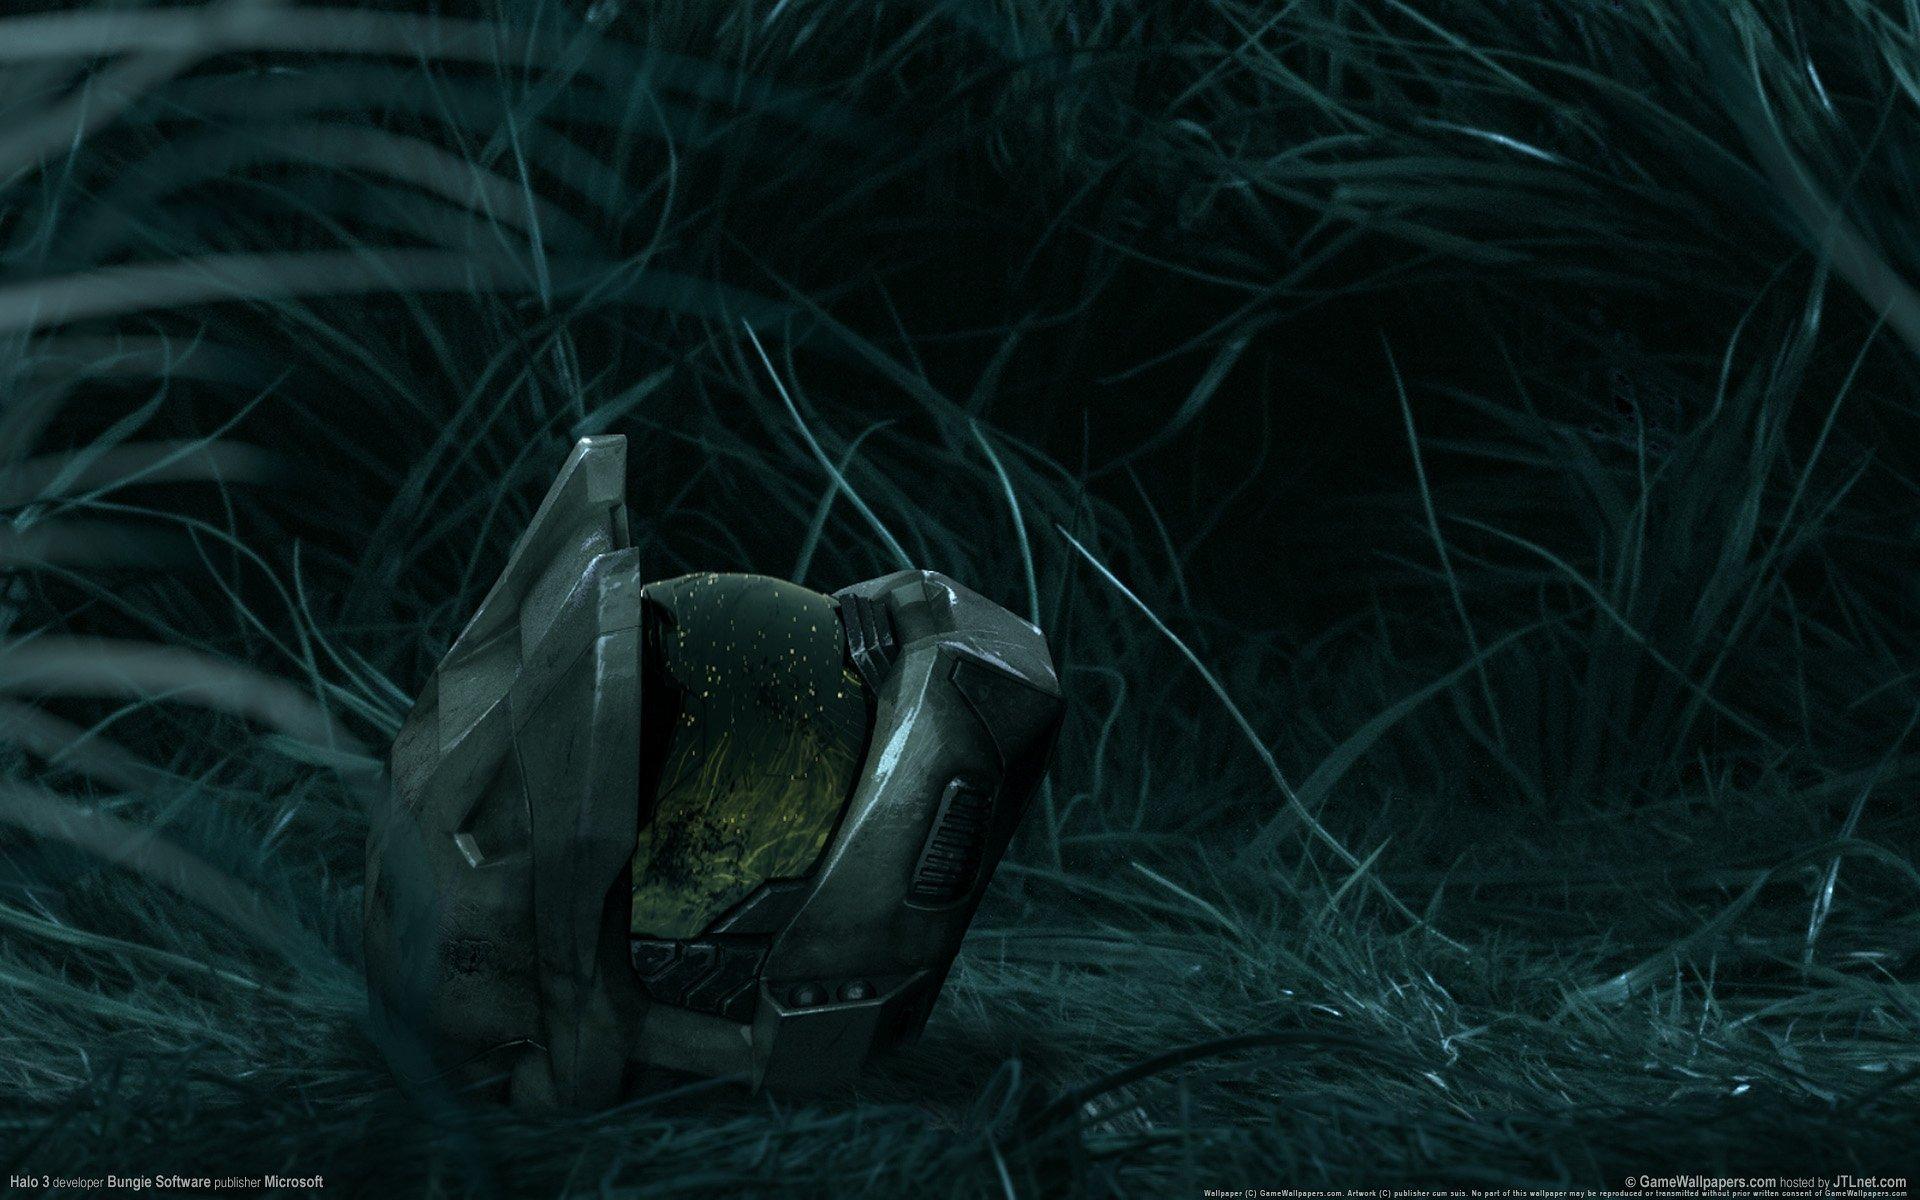 В журнале Wired опубликована большая статья, в которой идет разбор причин, помешавших экранизации игры Halo, которую ... - Изображение 1